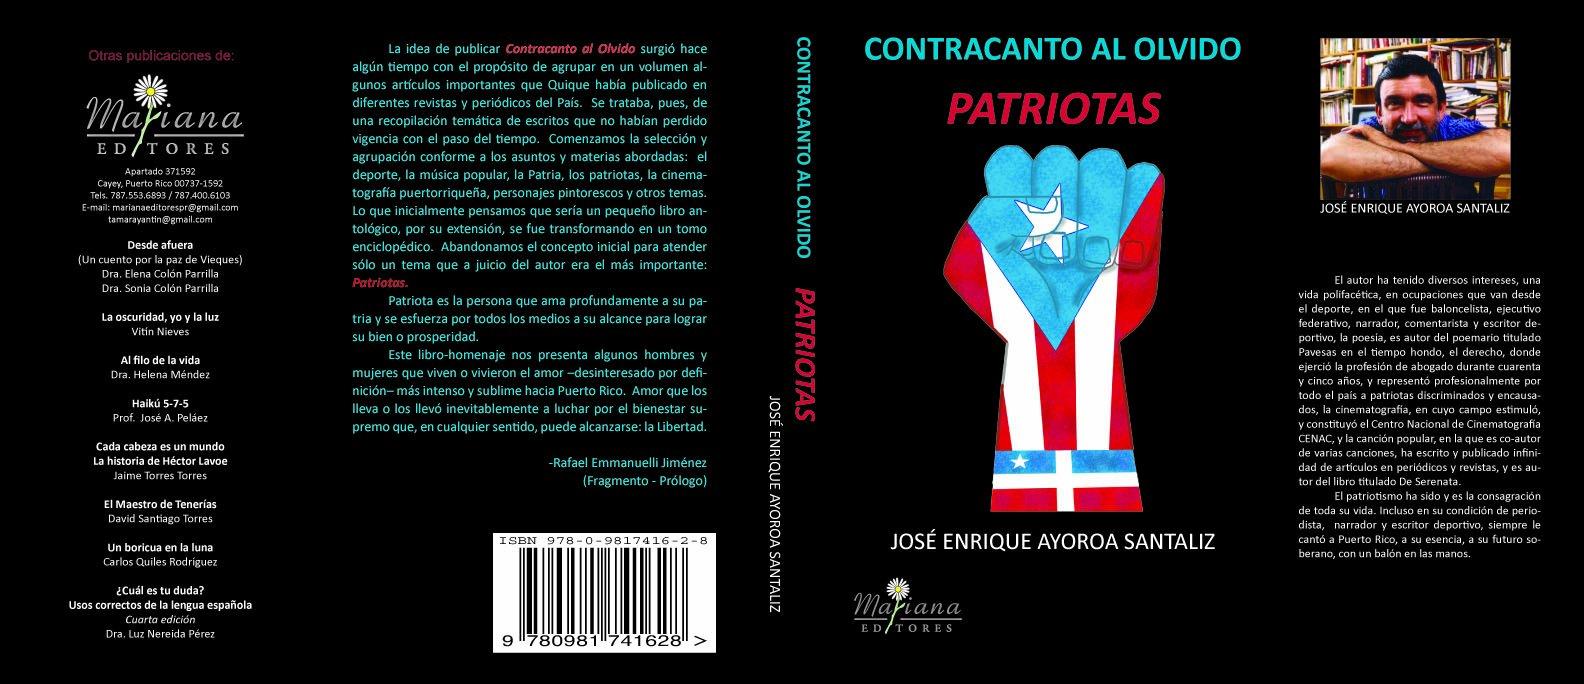 Contracanto al olvido: Patriotas (Spanish Edition): José ...